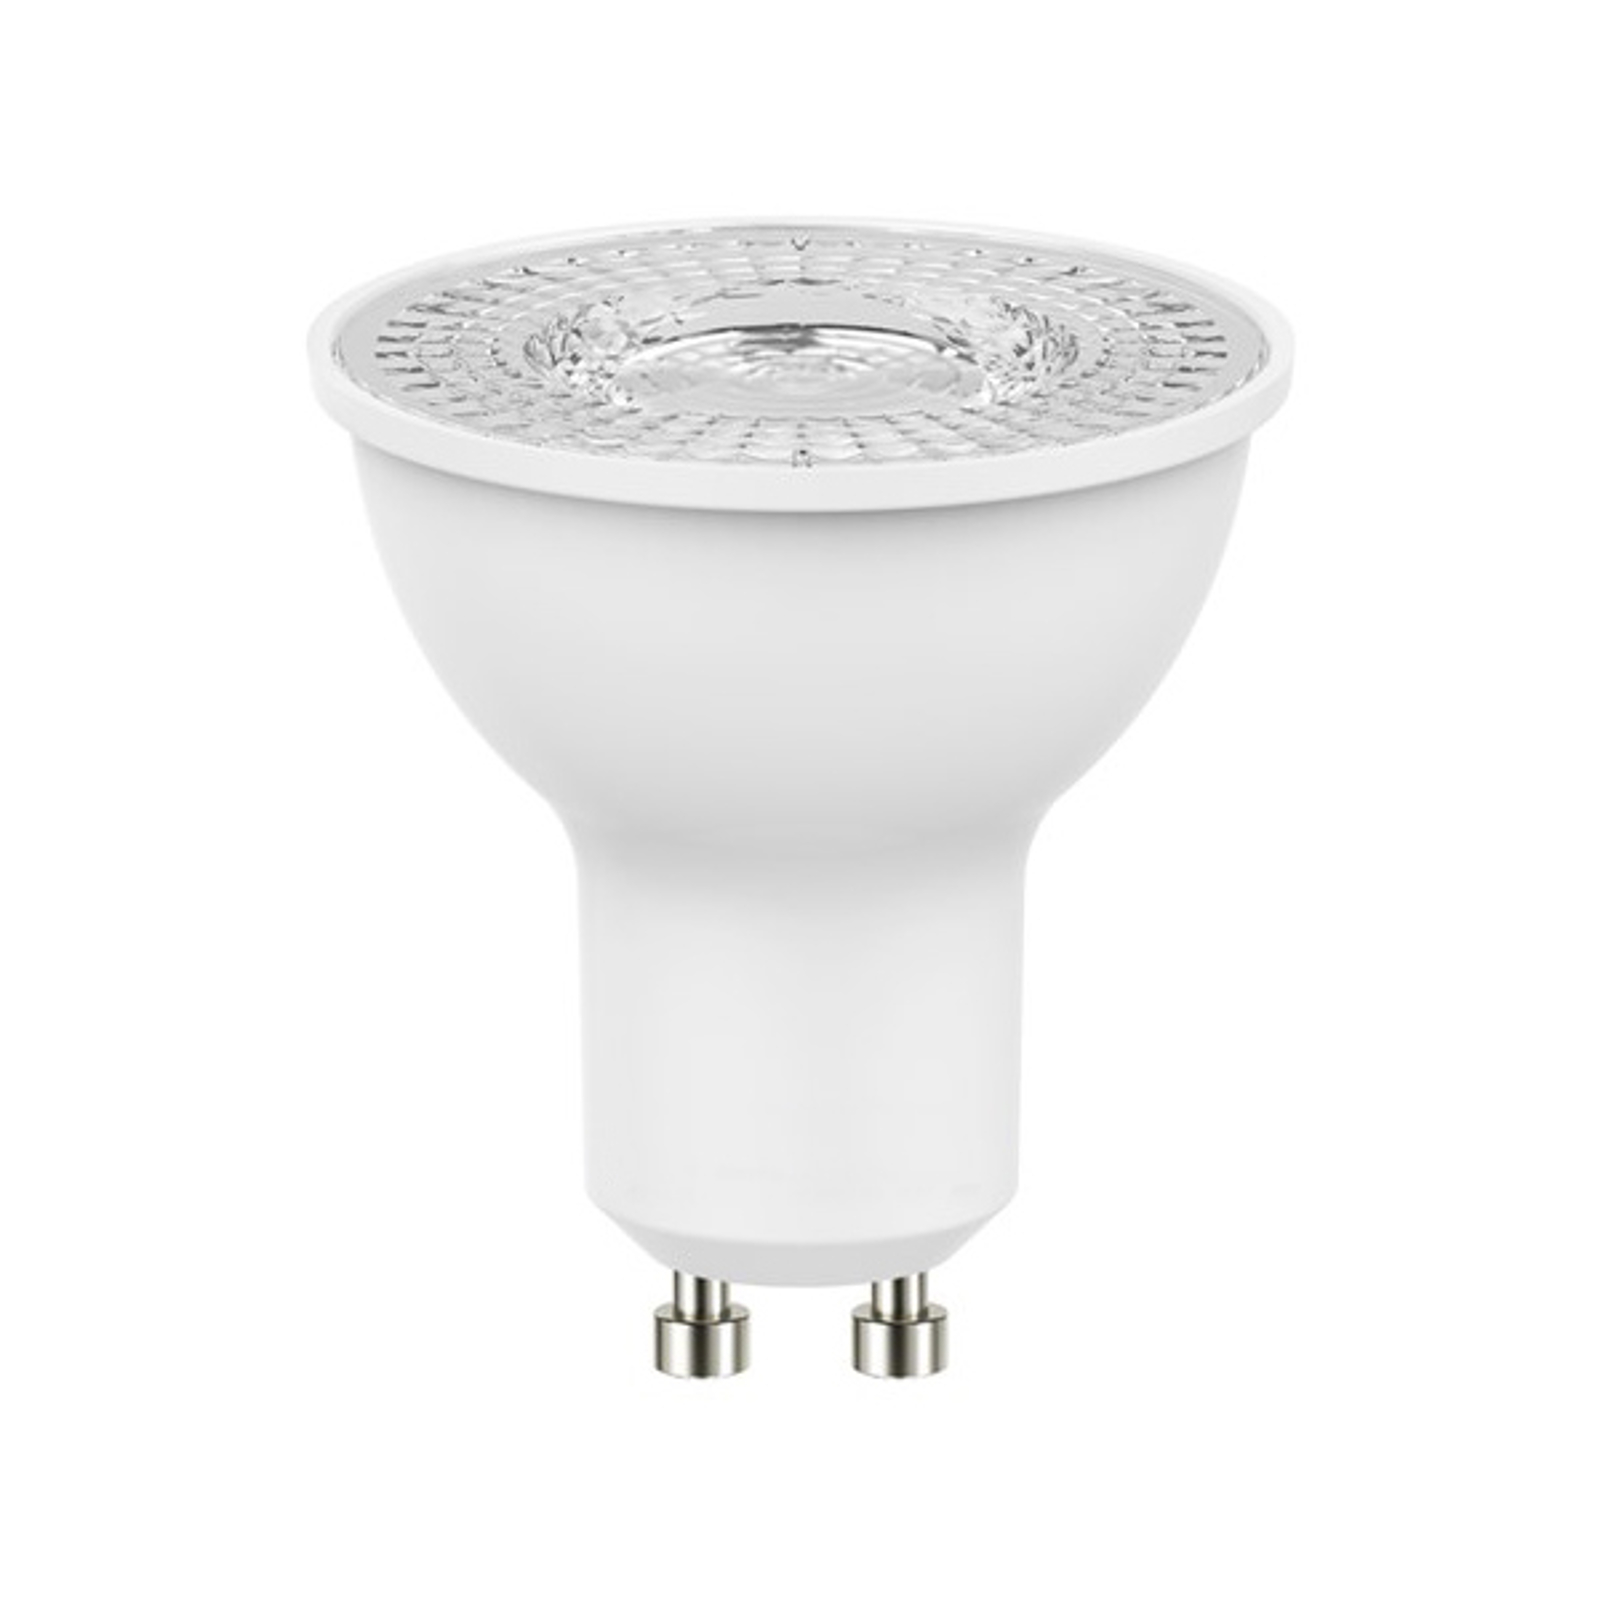 GU10 ES50 4,5 W 830 reflektor LED 110°